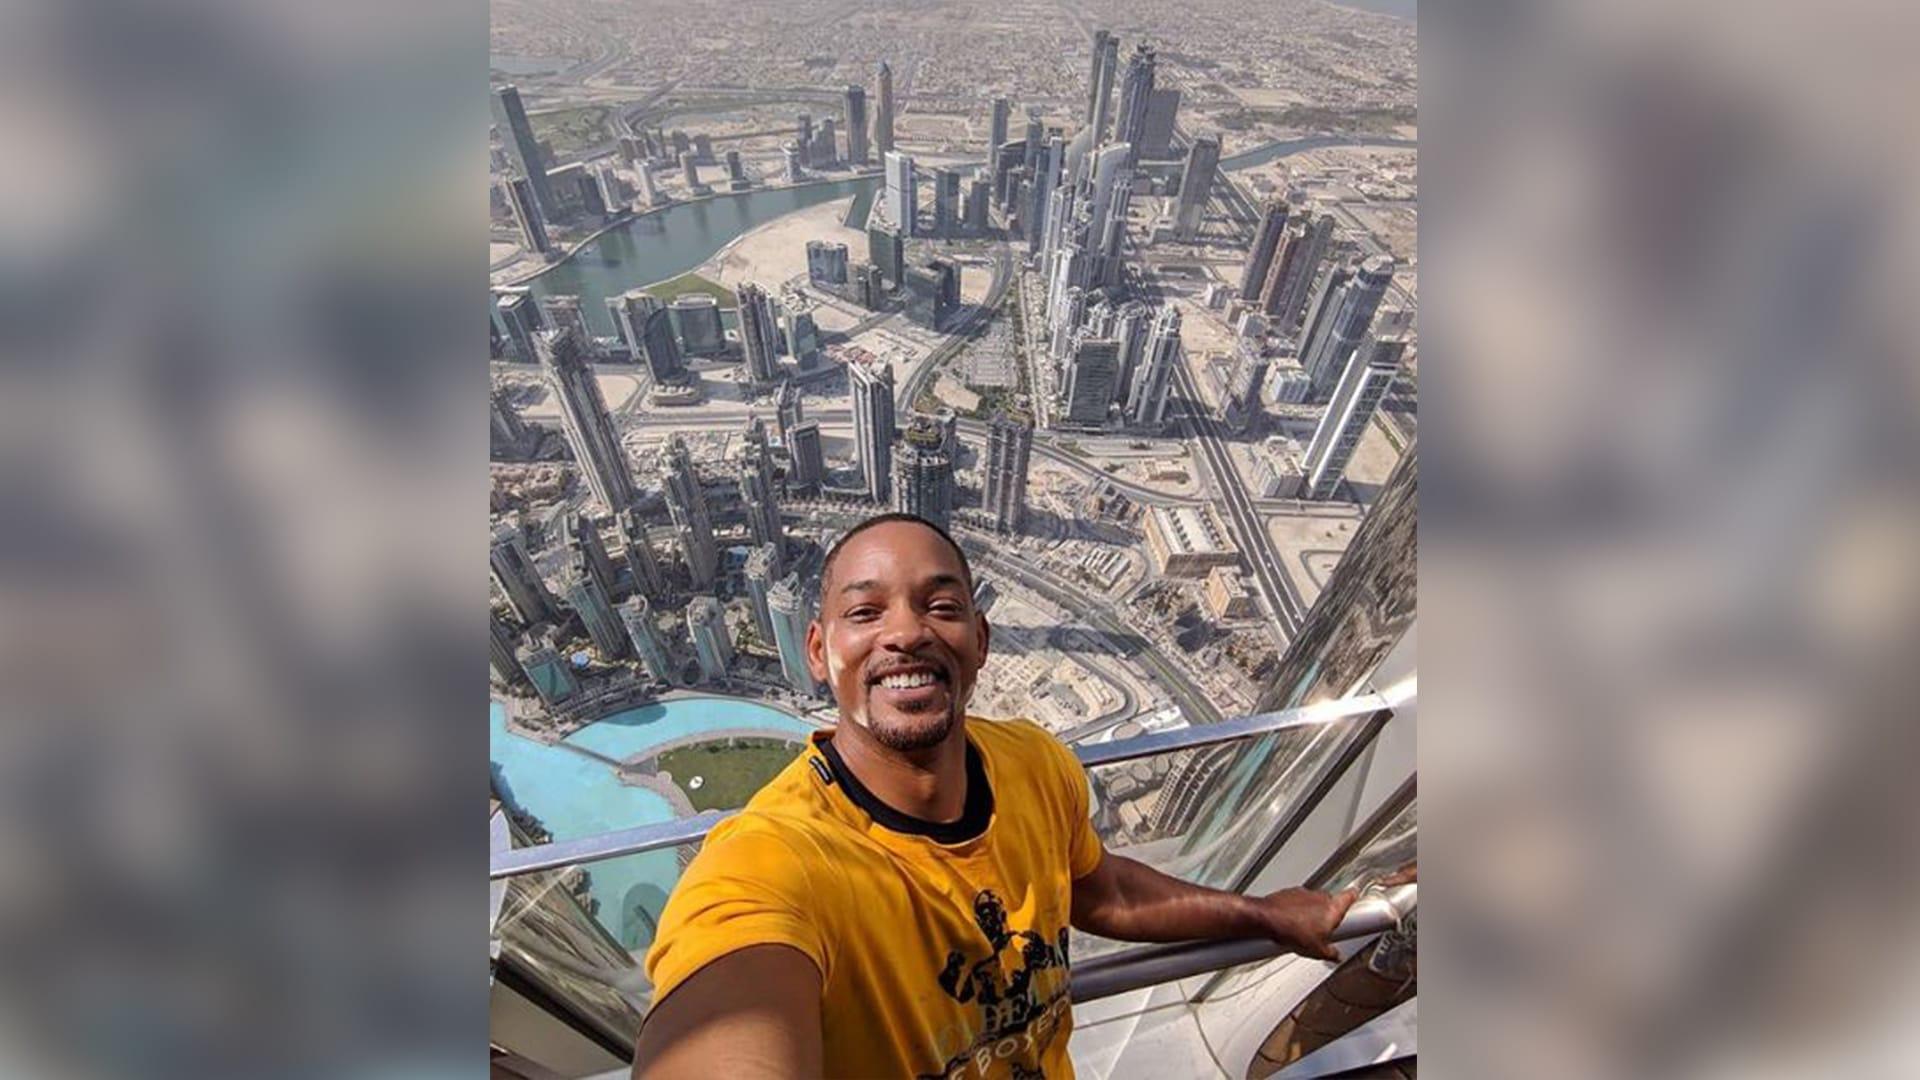 ما علاقة برج خليفة بأهرامات مصر؟ إليك آخر تعليق كتبه ويل سميث عن دبي